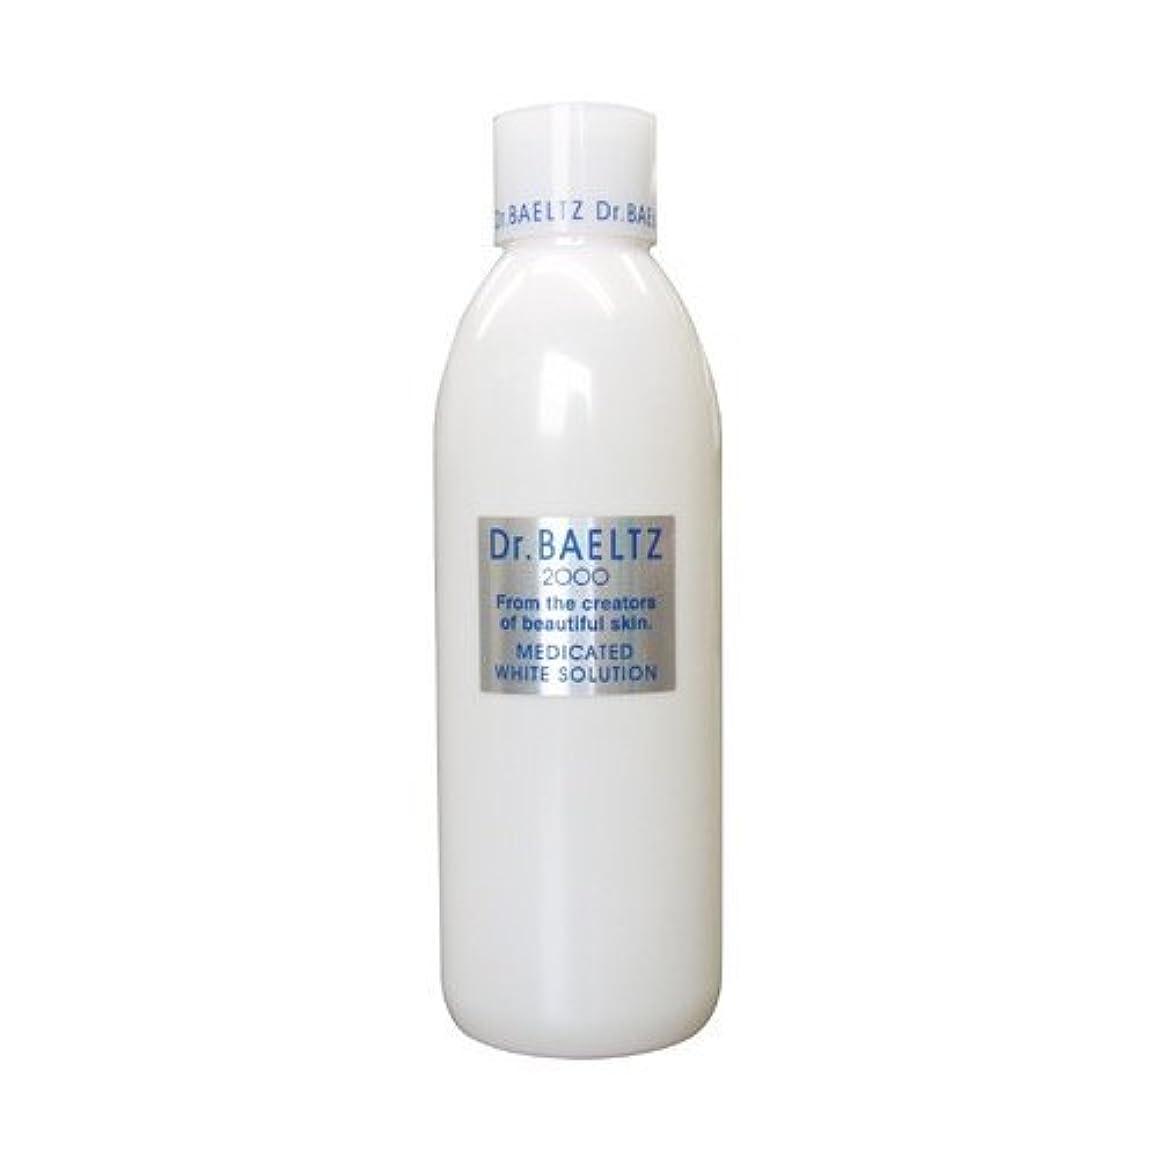 気取らない離すウォルターカニンガムドクターベルツ(Dr.BAELTZ) 薬用ホワイトソリューション 300ml(美白化粧水 医薬部外品)